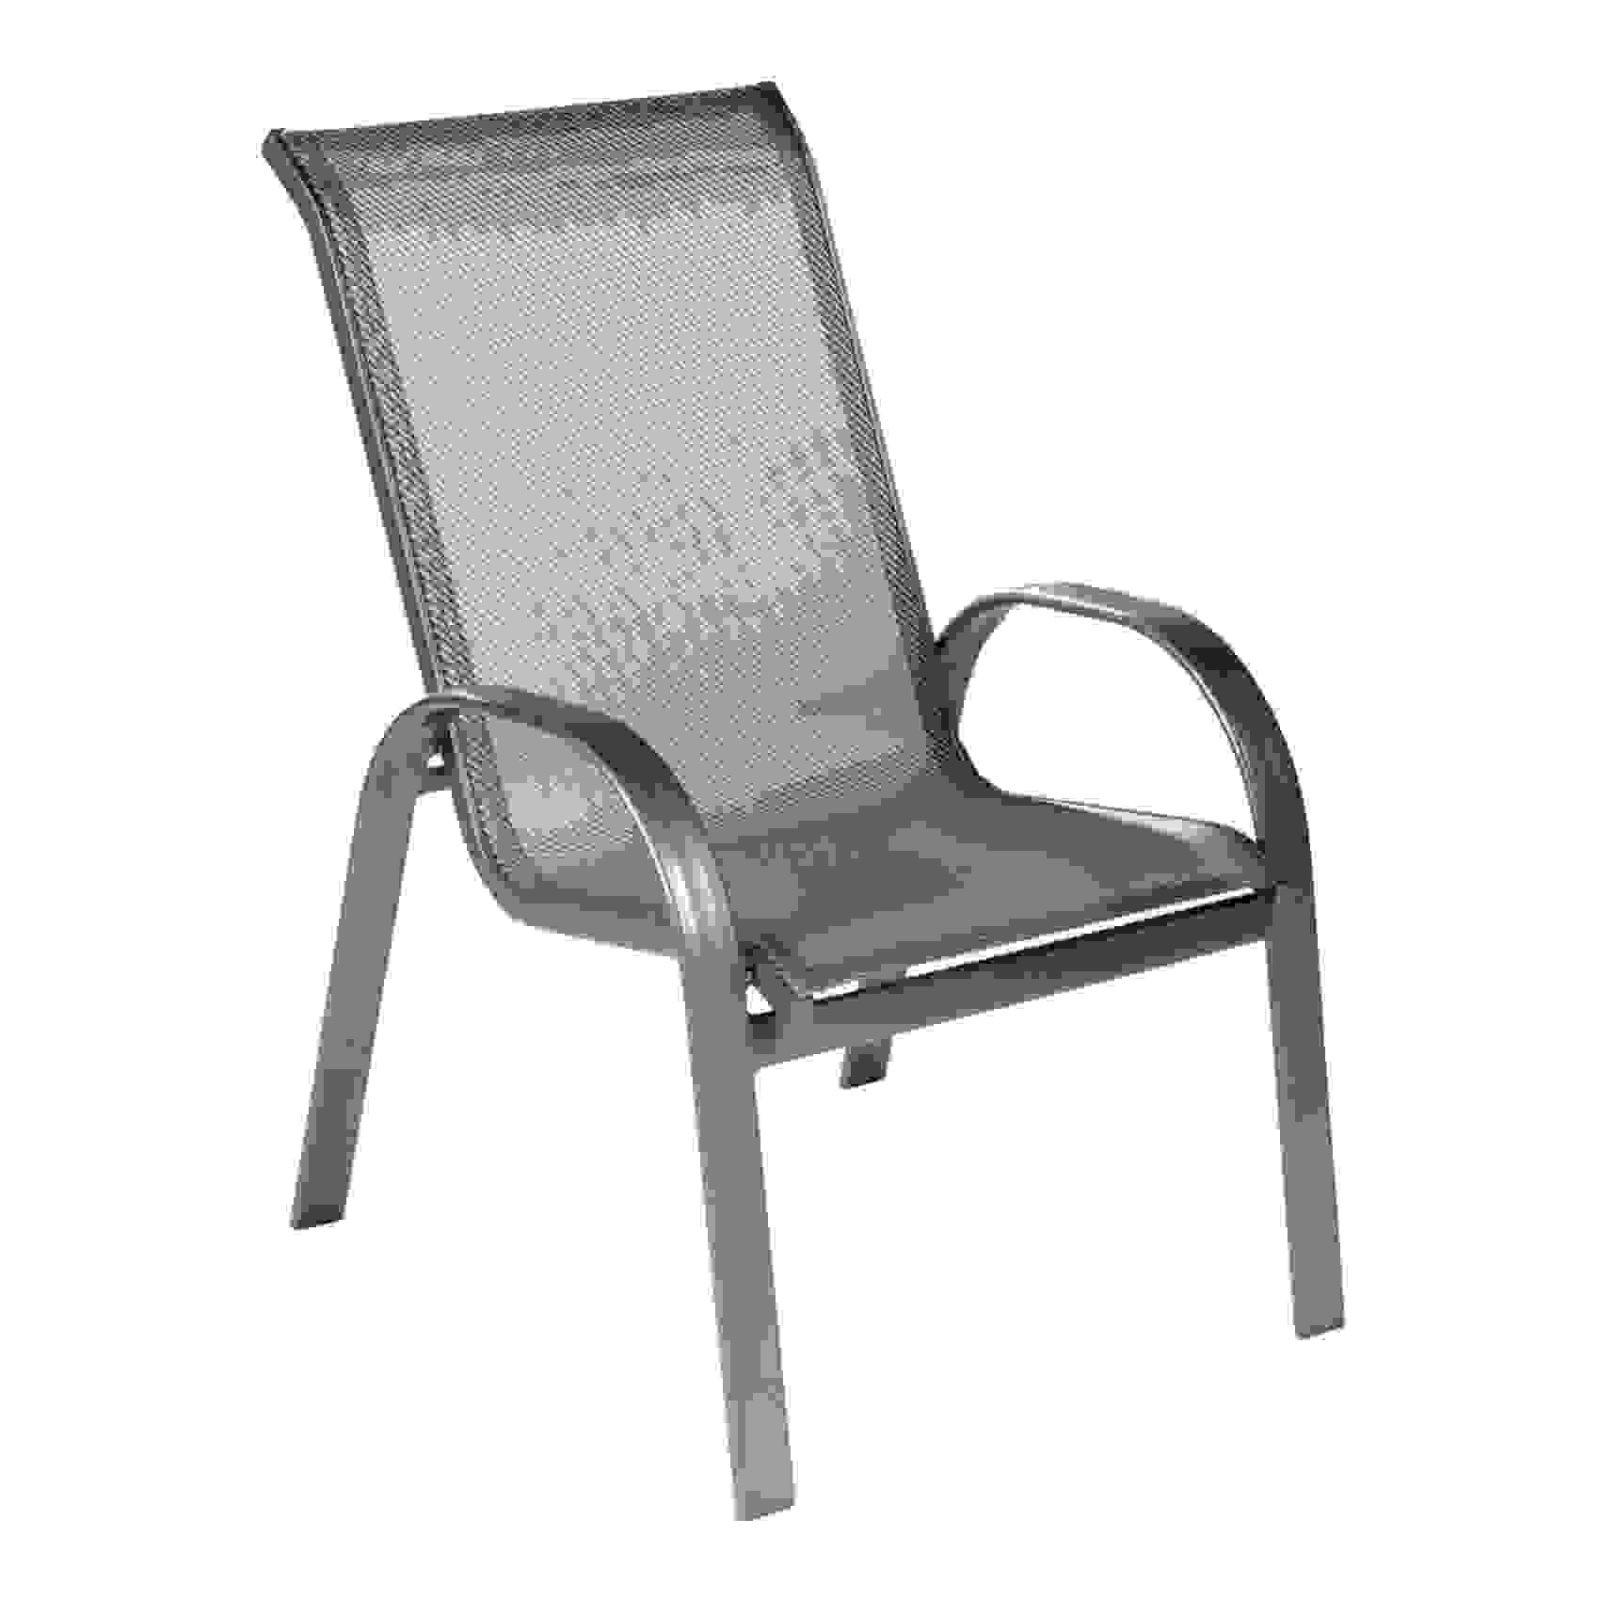 Gartenstühle Alu Stapelbar Ideen Von Gartenstühle Hochlehner von Gartenstühle Alu Hochlehner Stapelbar Bild